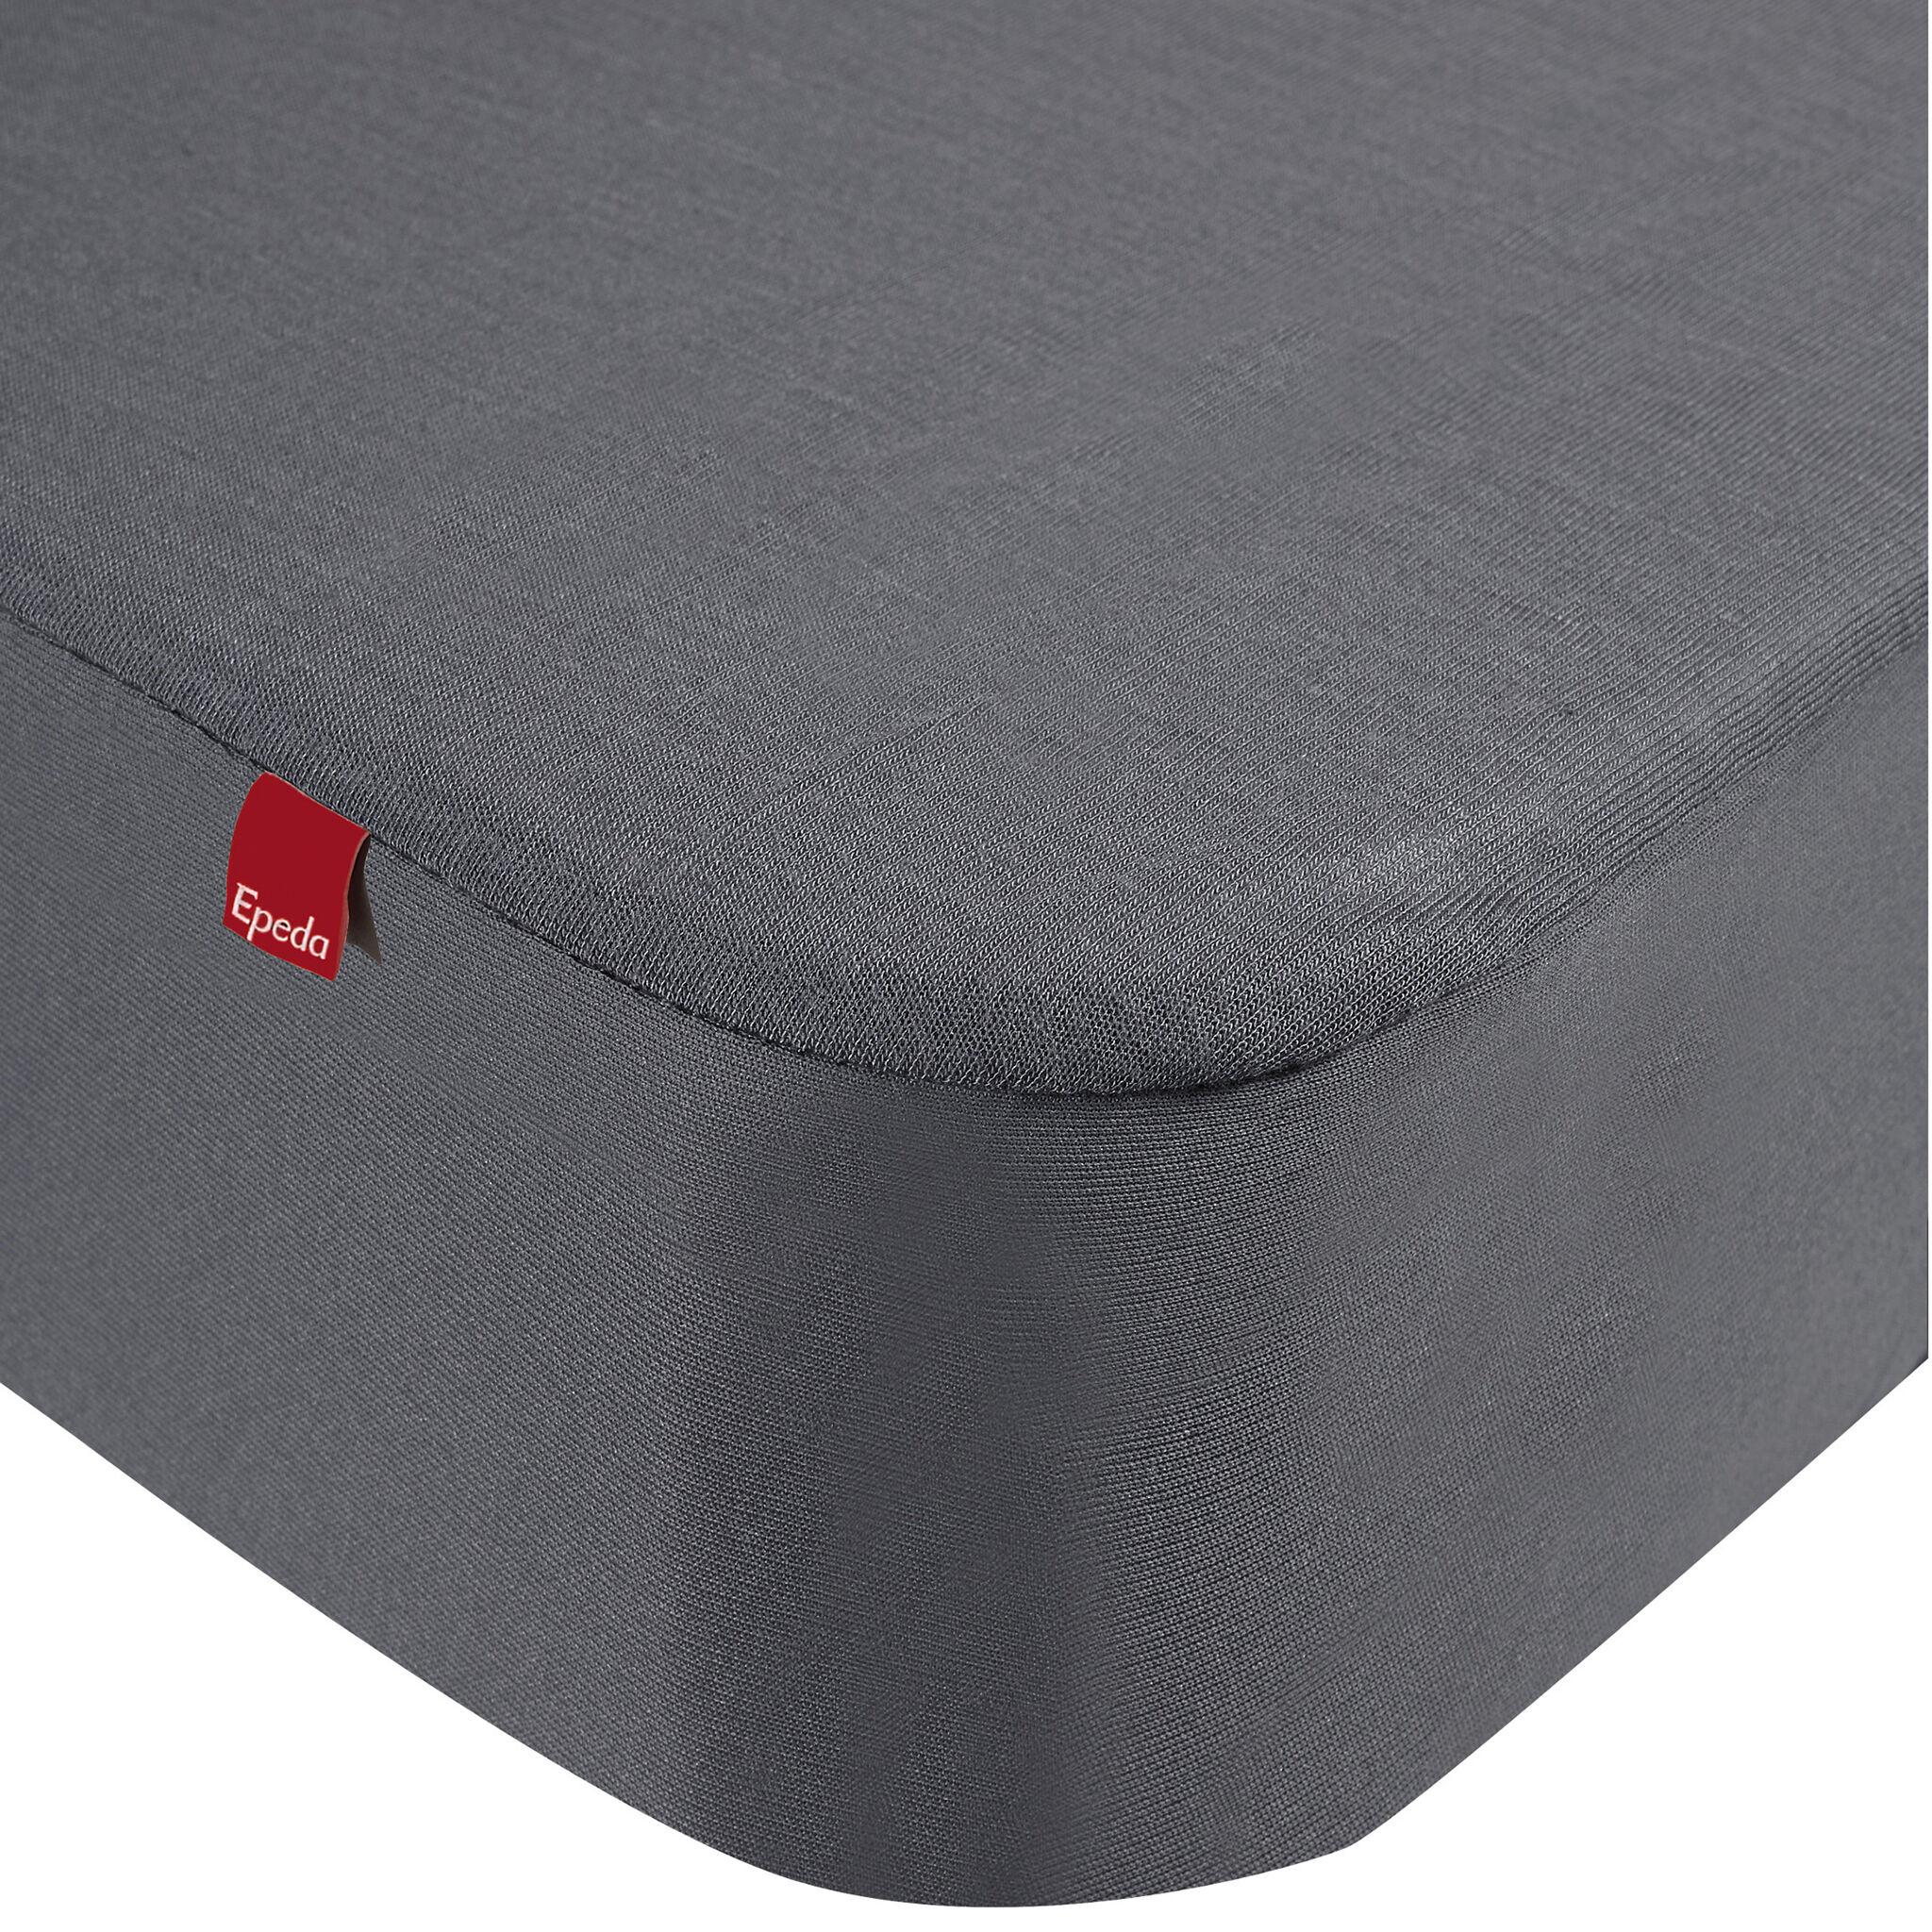 Epeda Drap housse protège matelas imperméable 2 en 1 gris 160x190/200